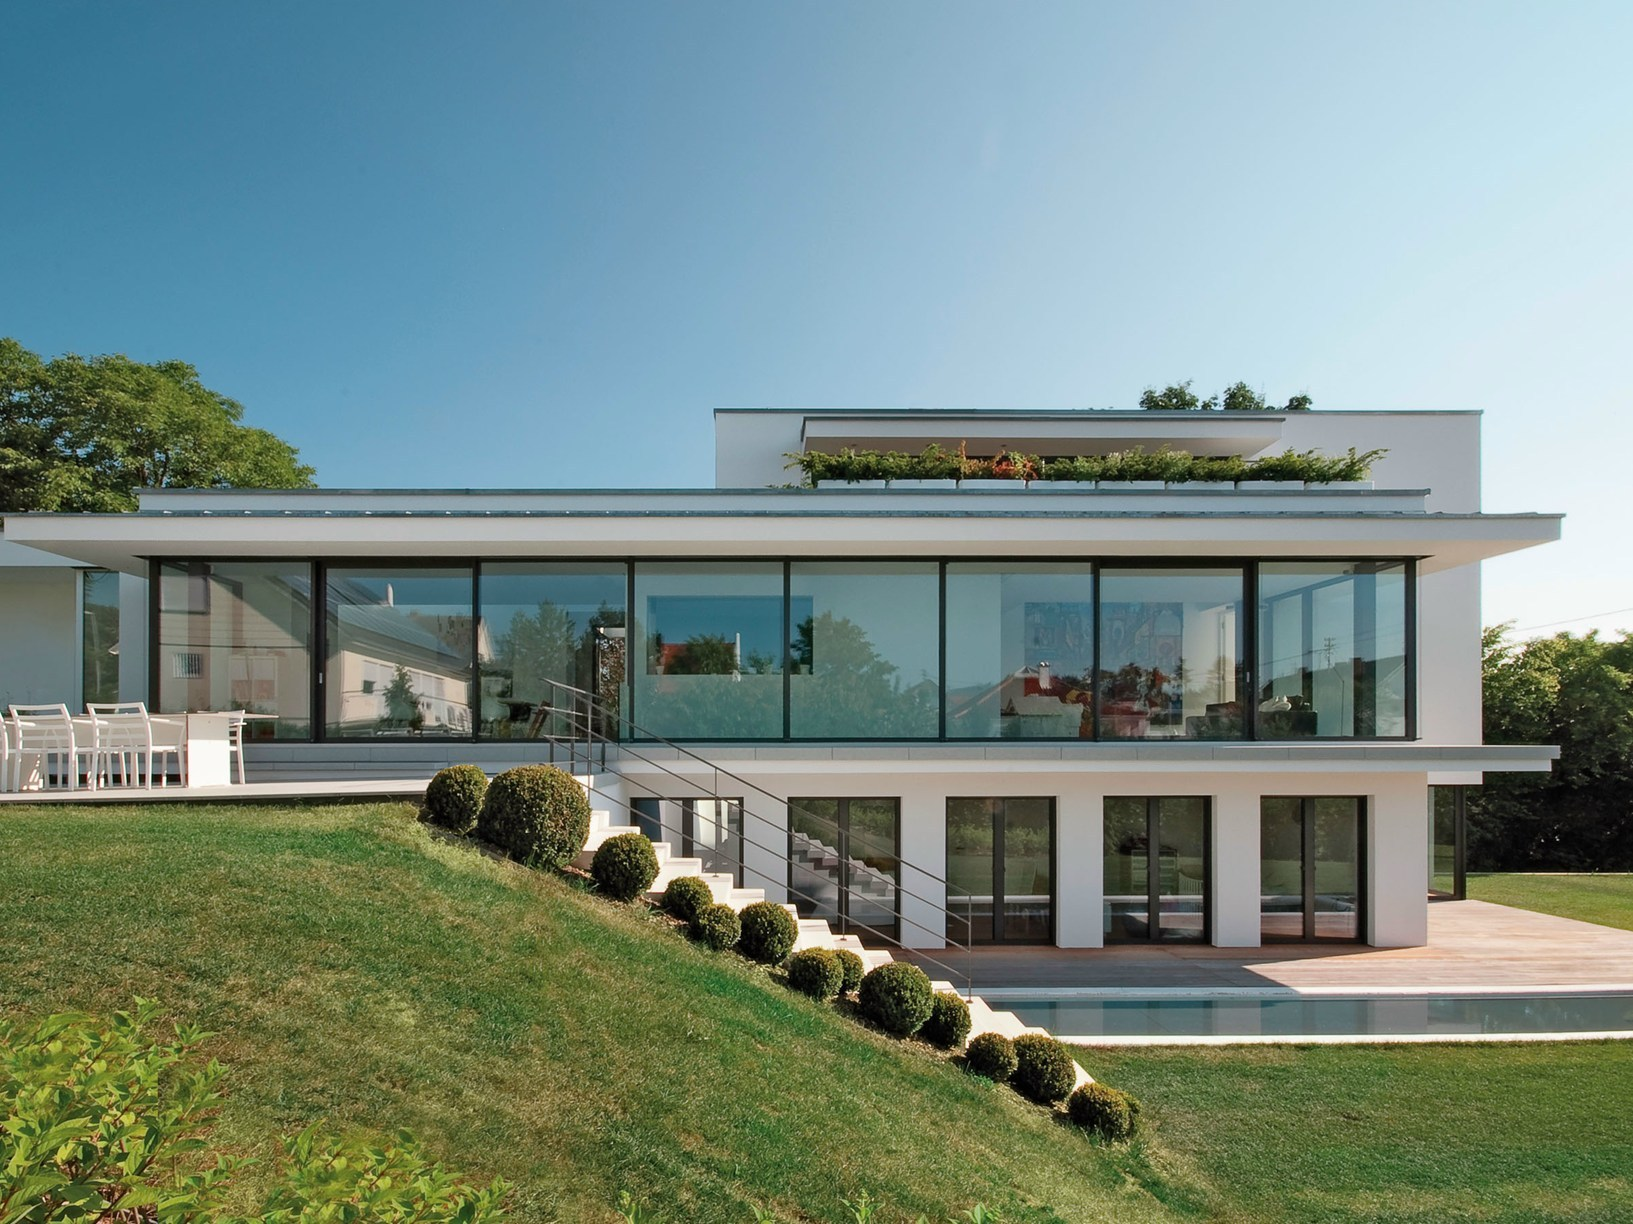 Villa mauthe un lungo lucernario definisce i volumi for Costo per costruire la propria casa